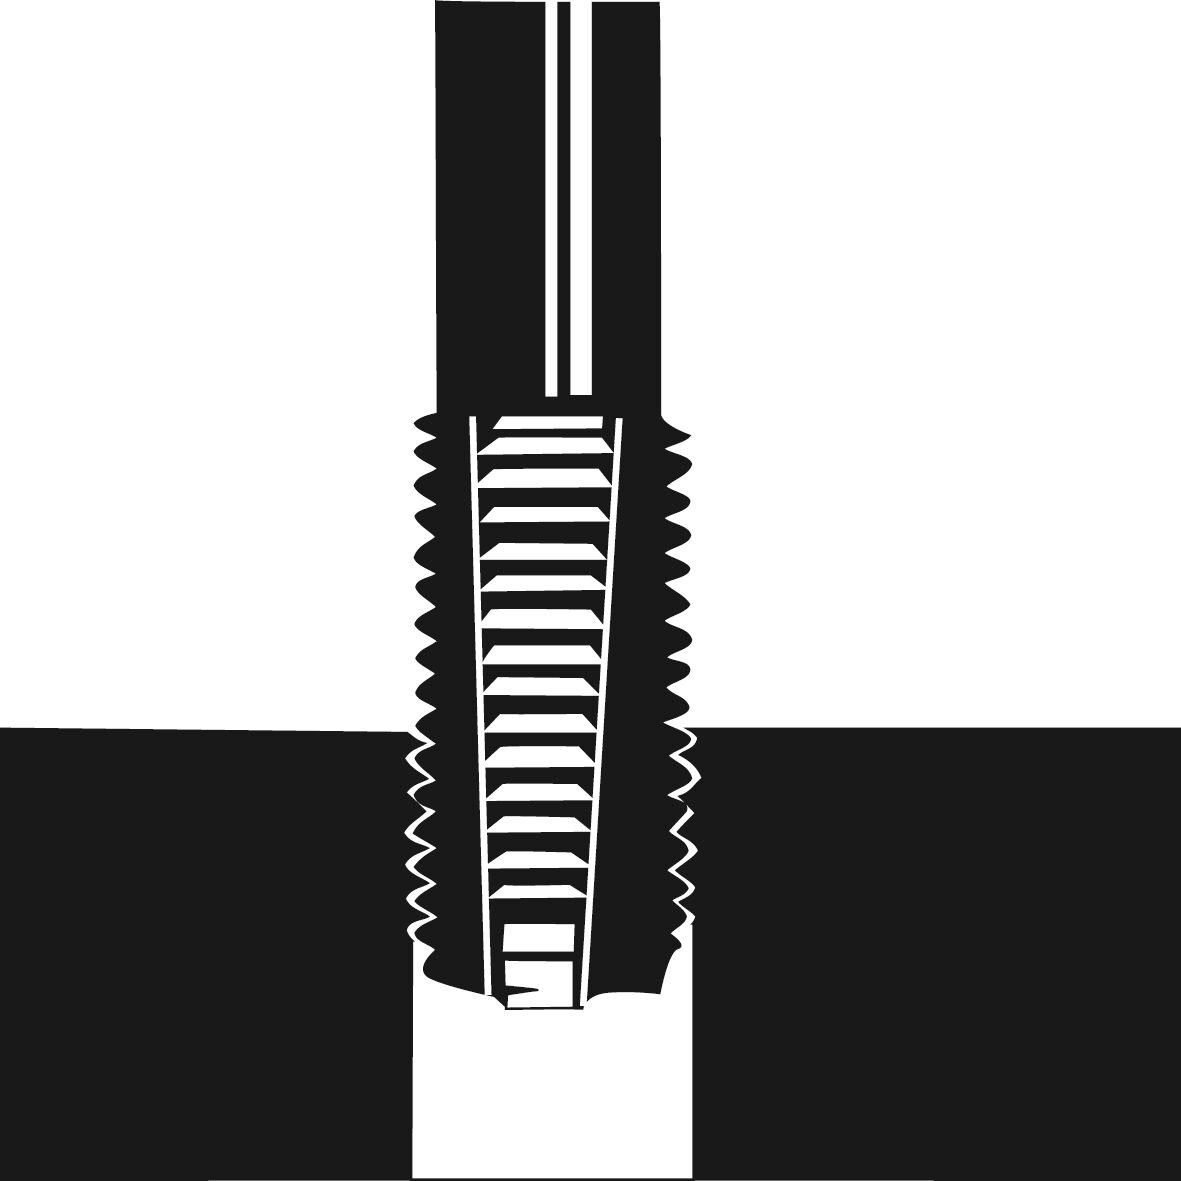 HAZET Gewinde-Reparatur Satz 842N-614/118 ∙ Anzahl Werkzeuge: 118